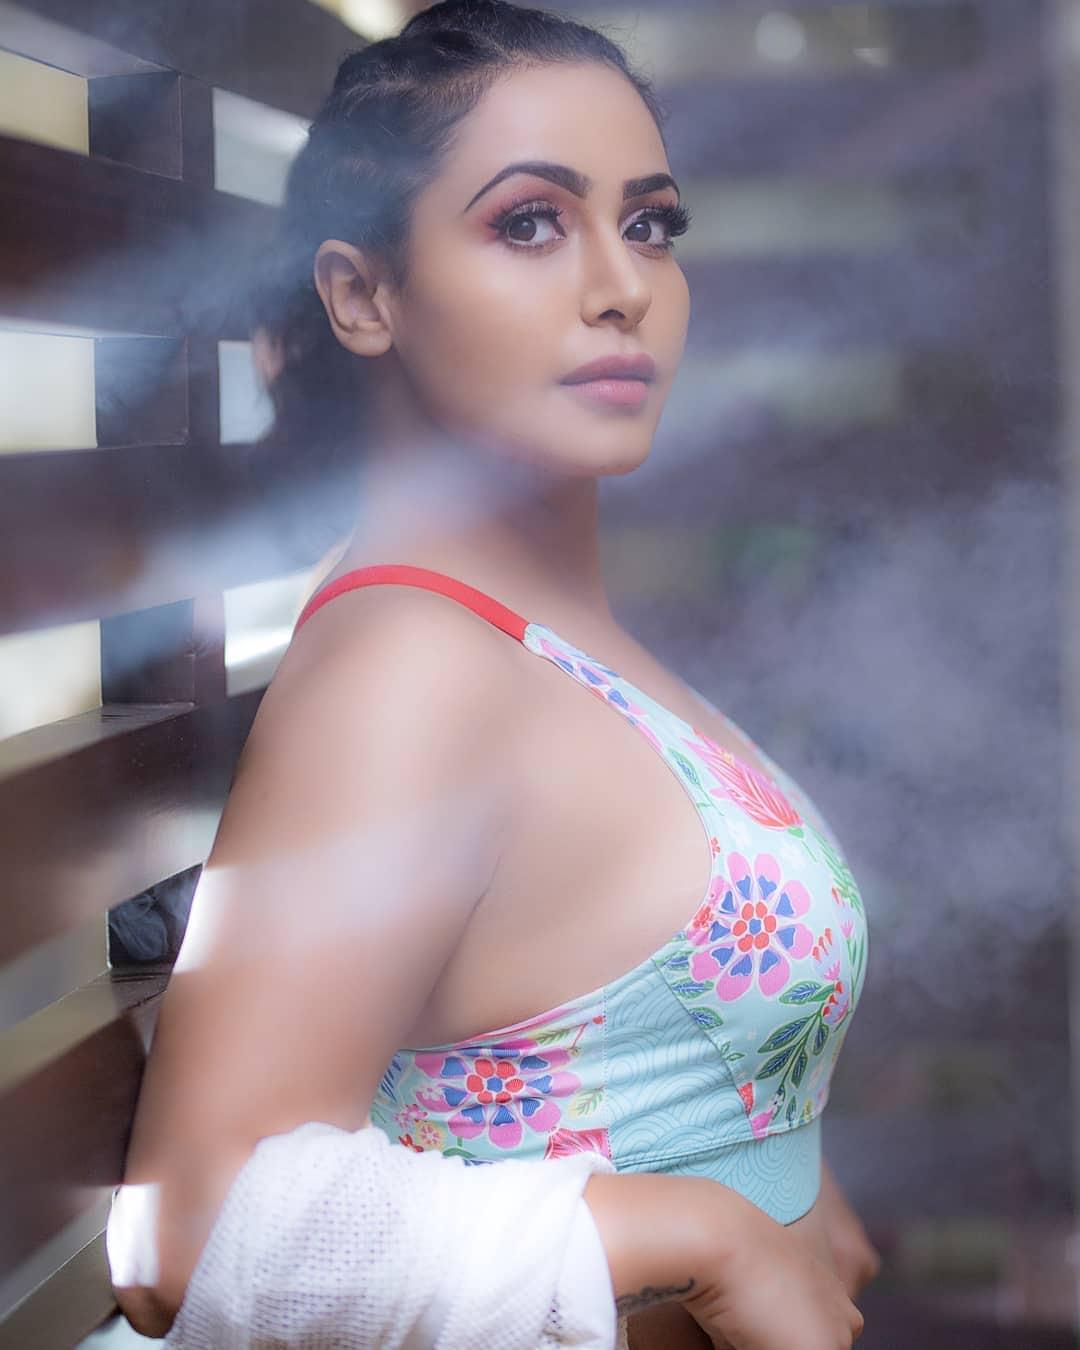 బిగ్బాస్ ఫేమ్ నందిని రాయ్ హాట్ ఫోటో షూట్ Photo : Instagram./nandini.rai